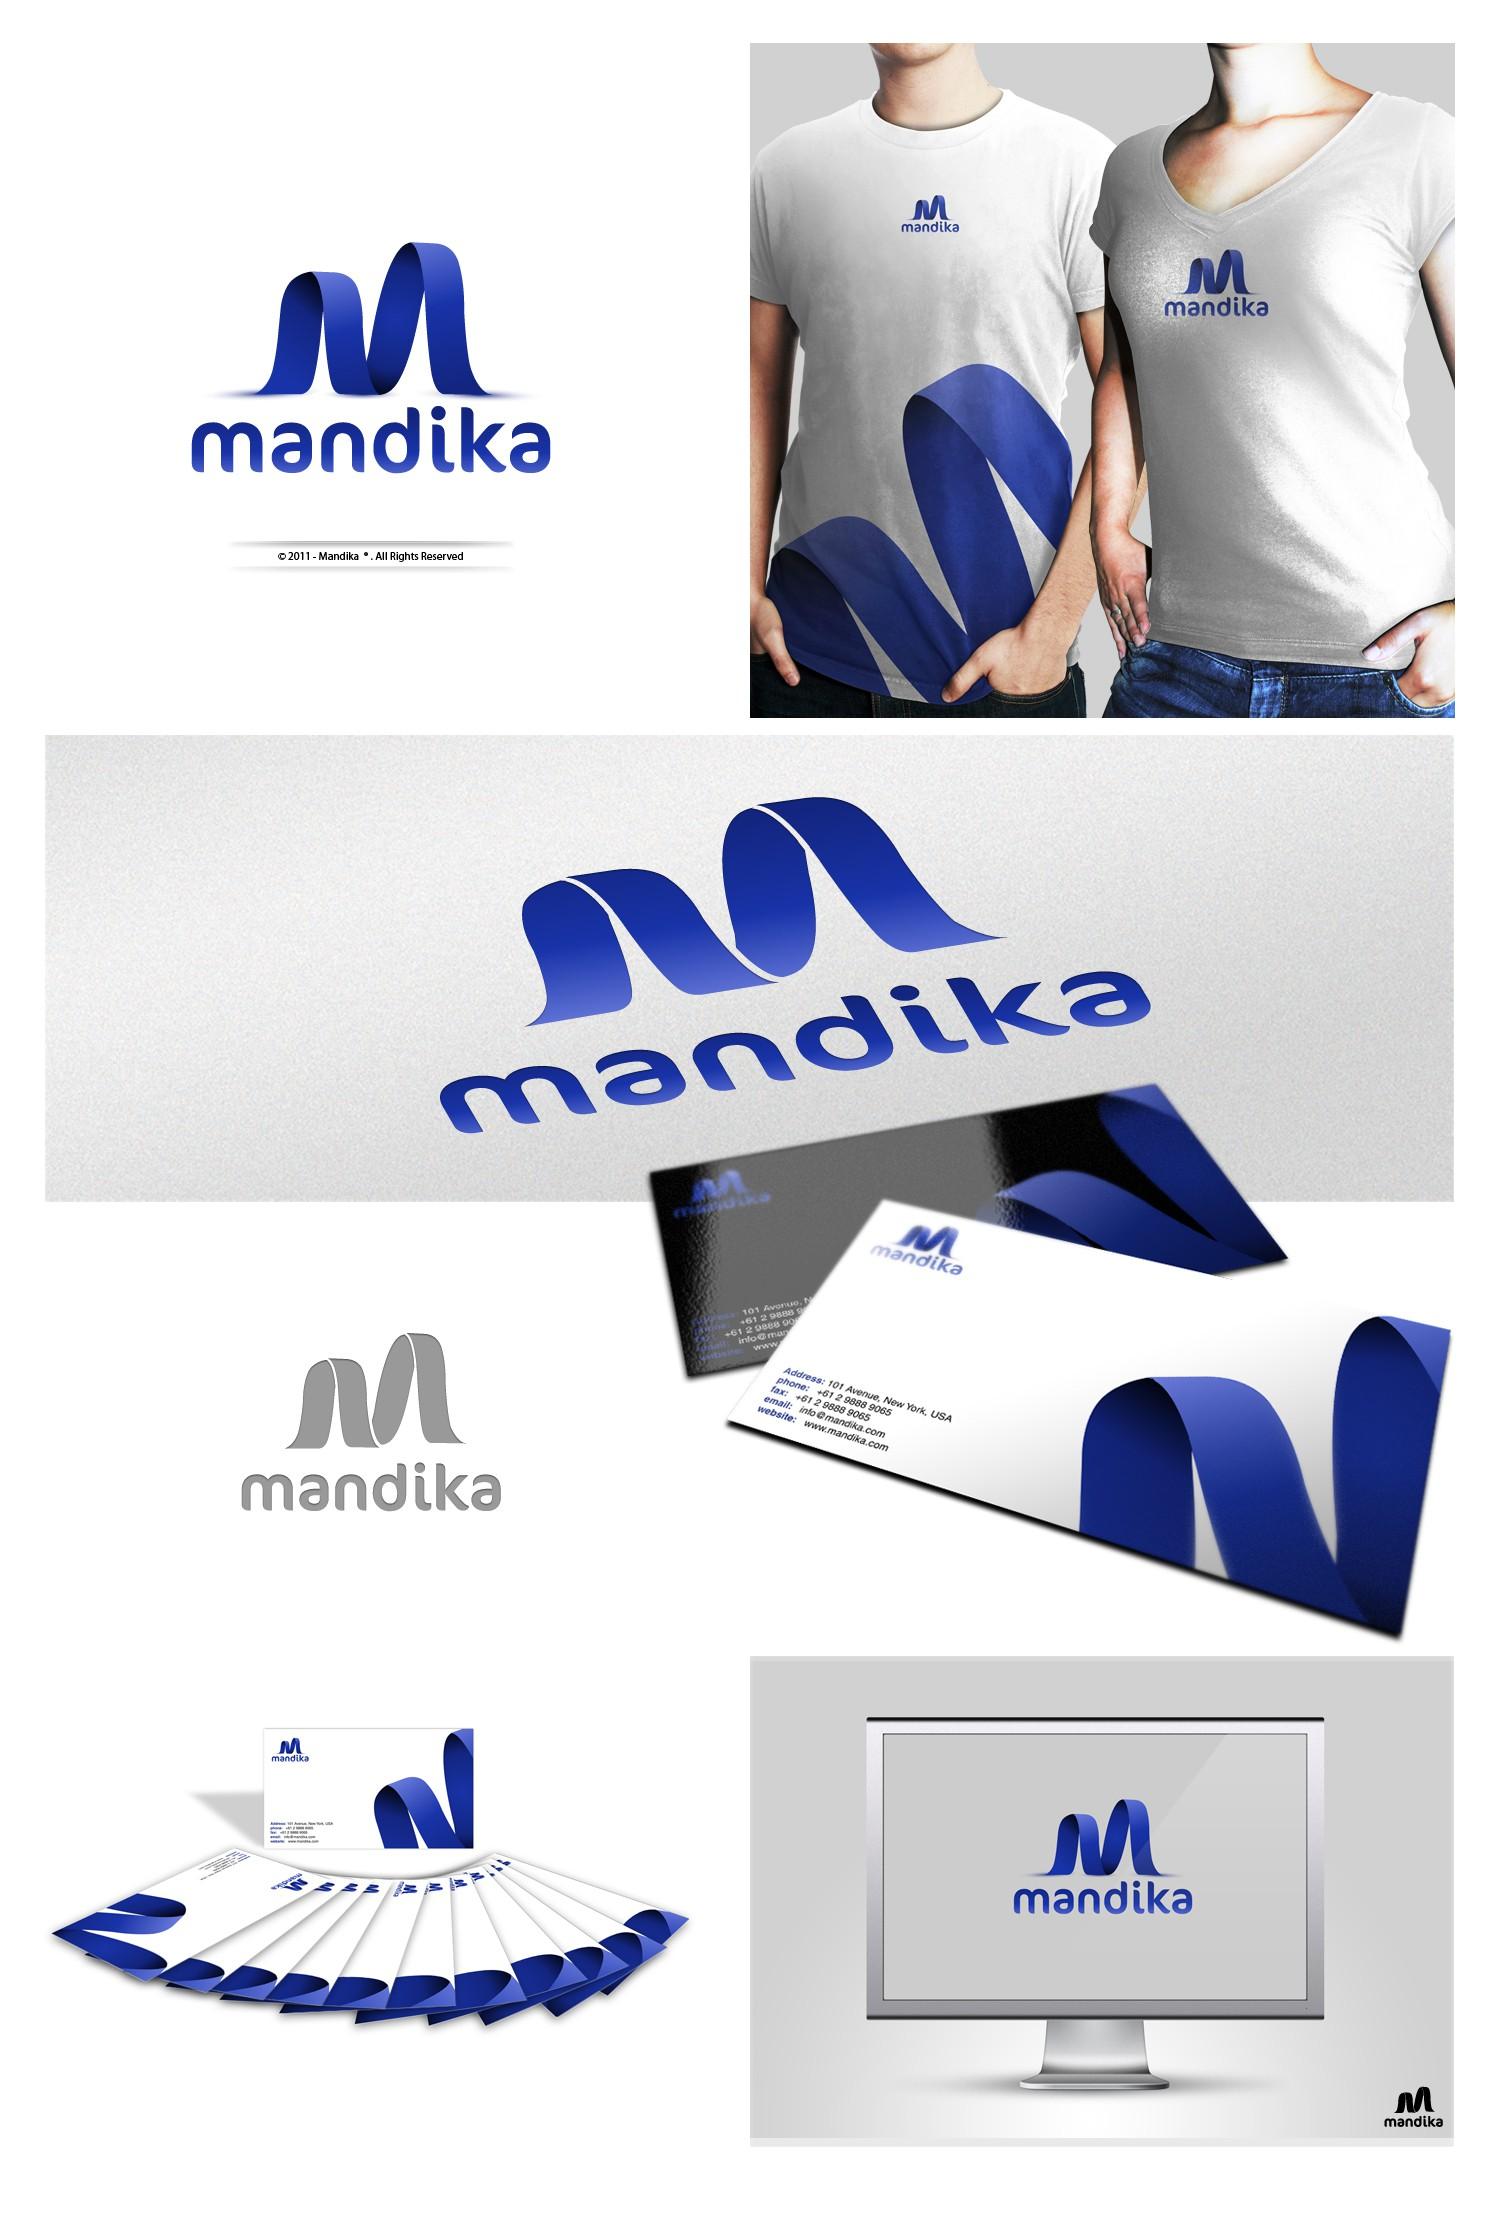 mandika needs a new logo